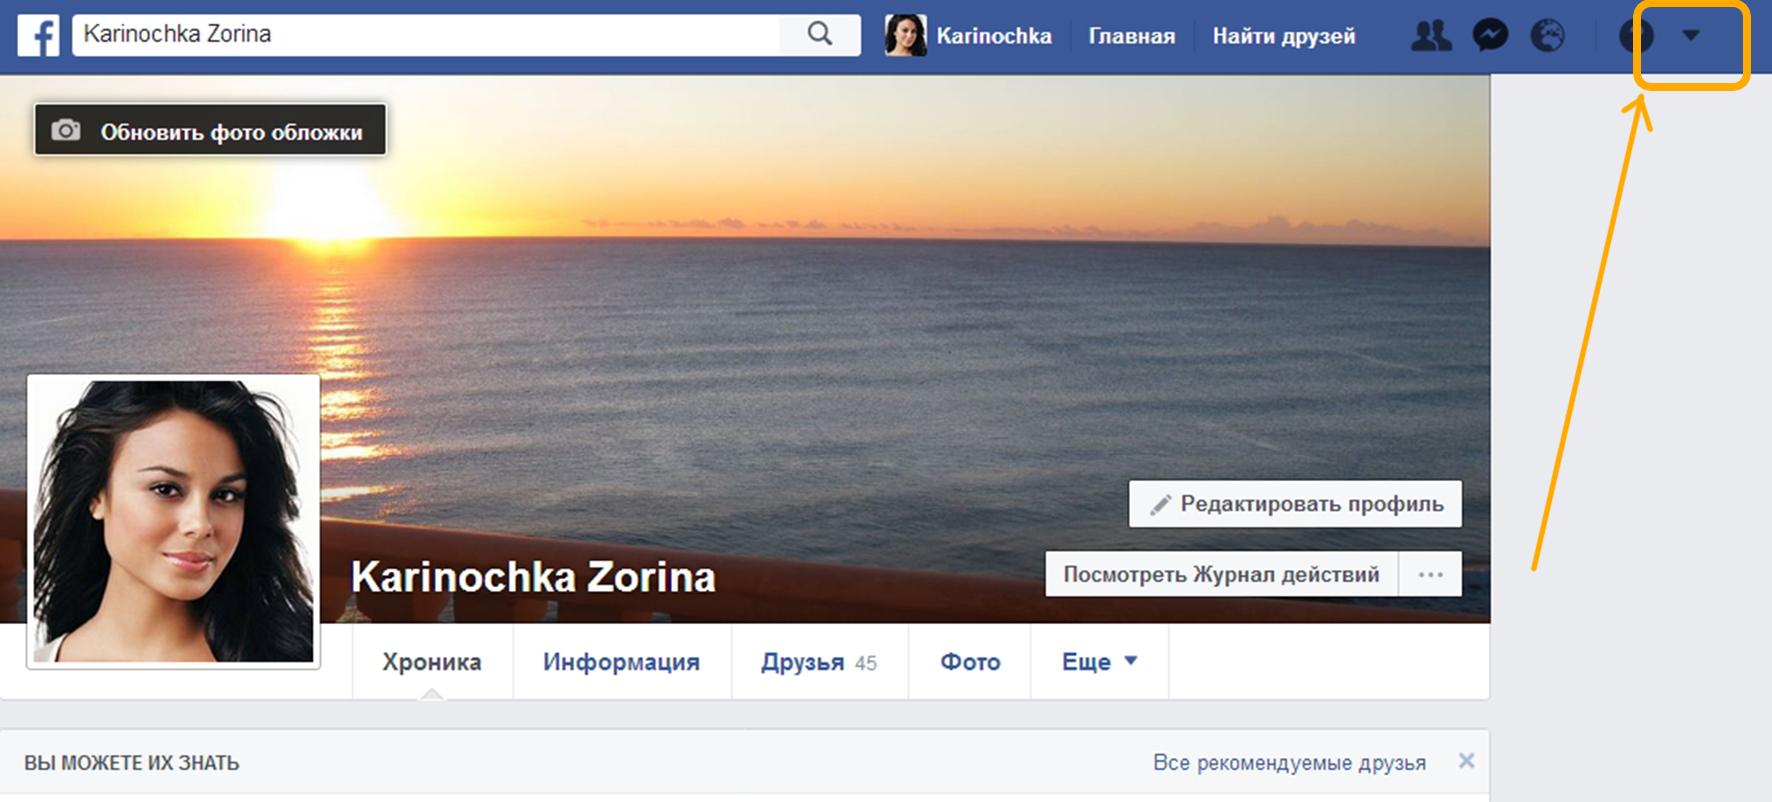 Как выглядит кнопка, для получения доступа к главному меню профиля Фейсбук